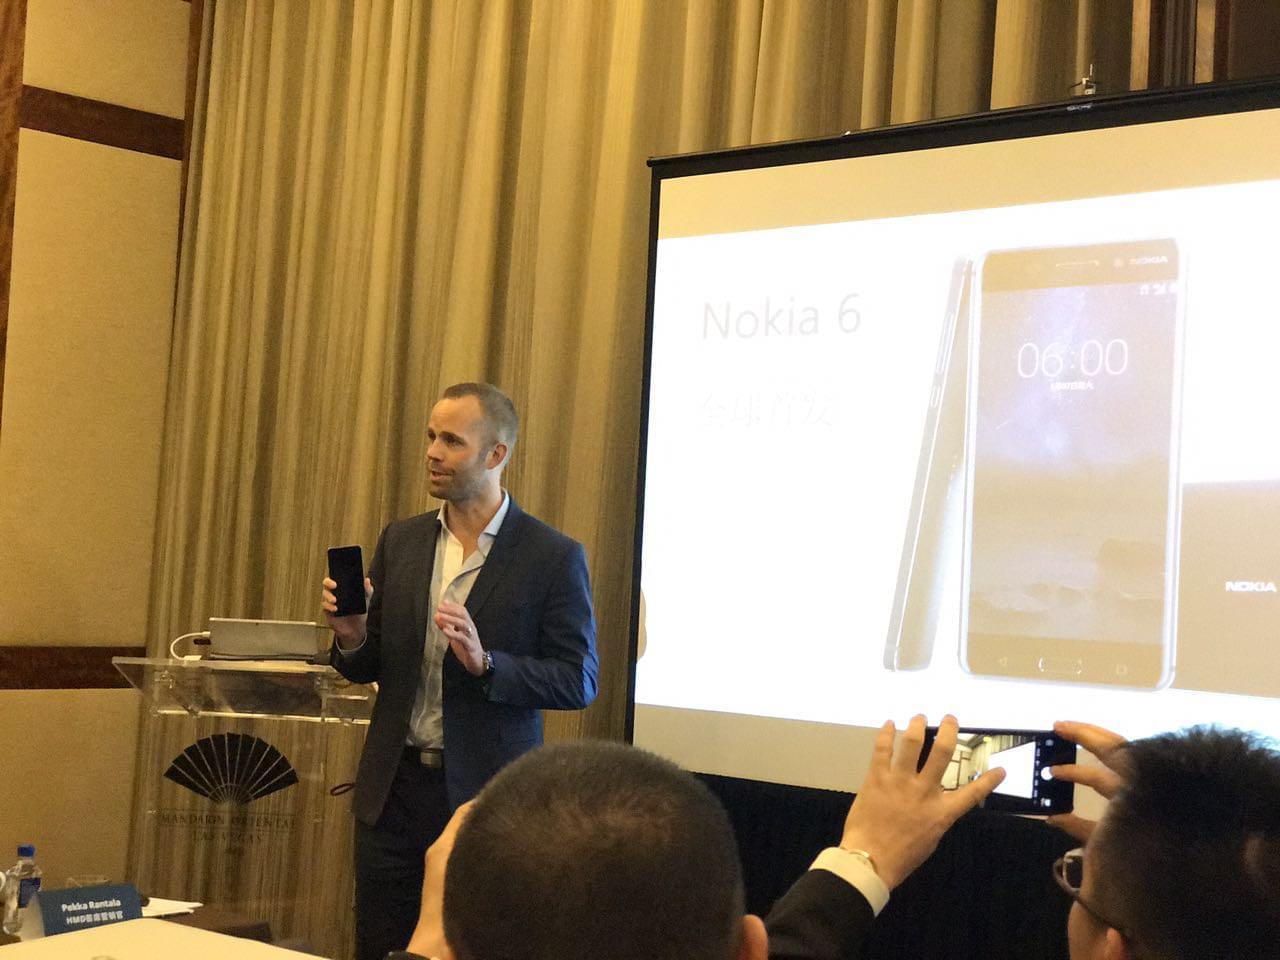 诺基亚首款安卓手机本月上市 售价1699元的照片